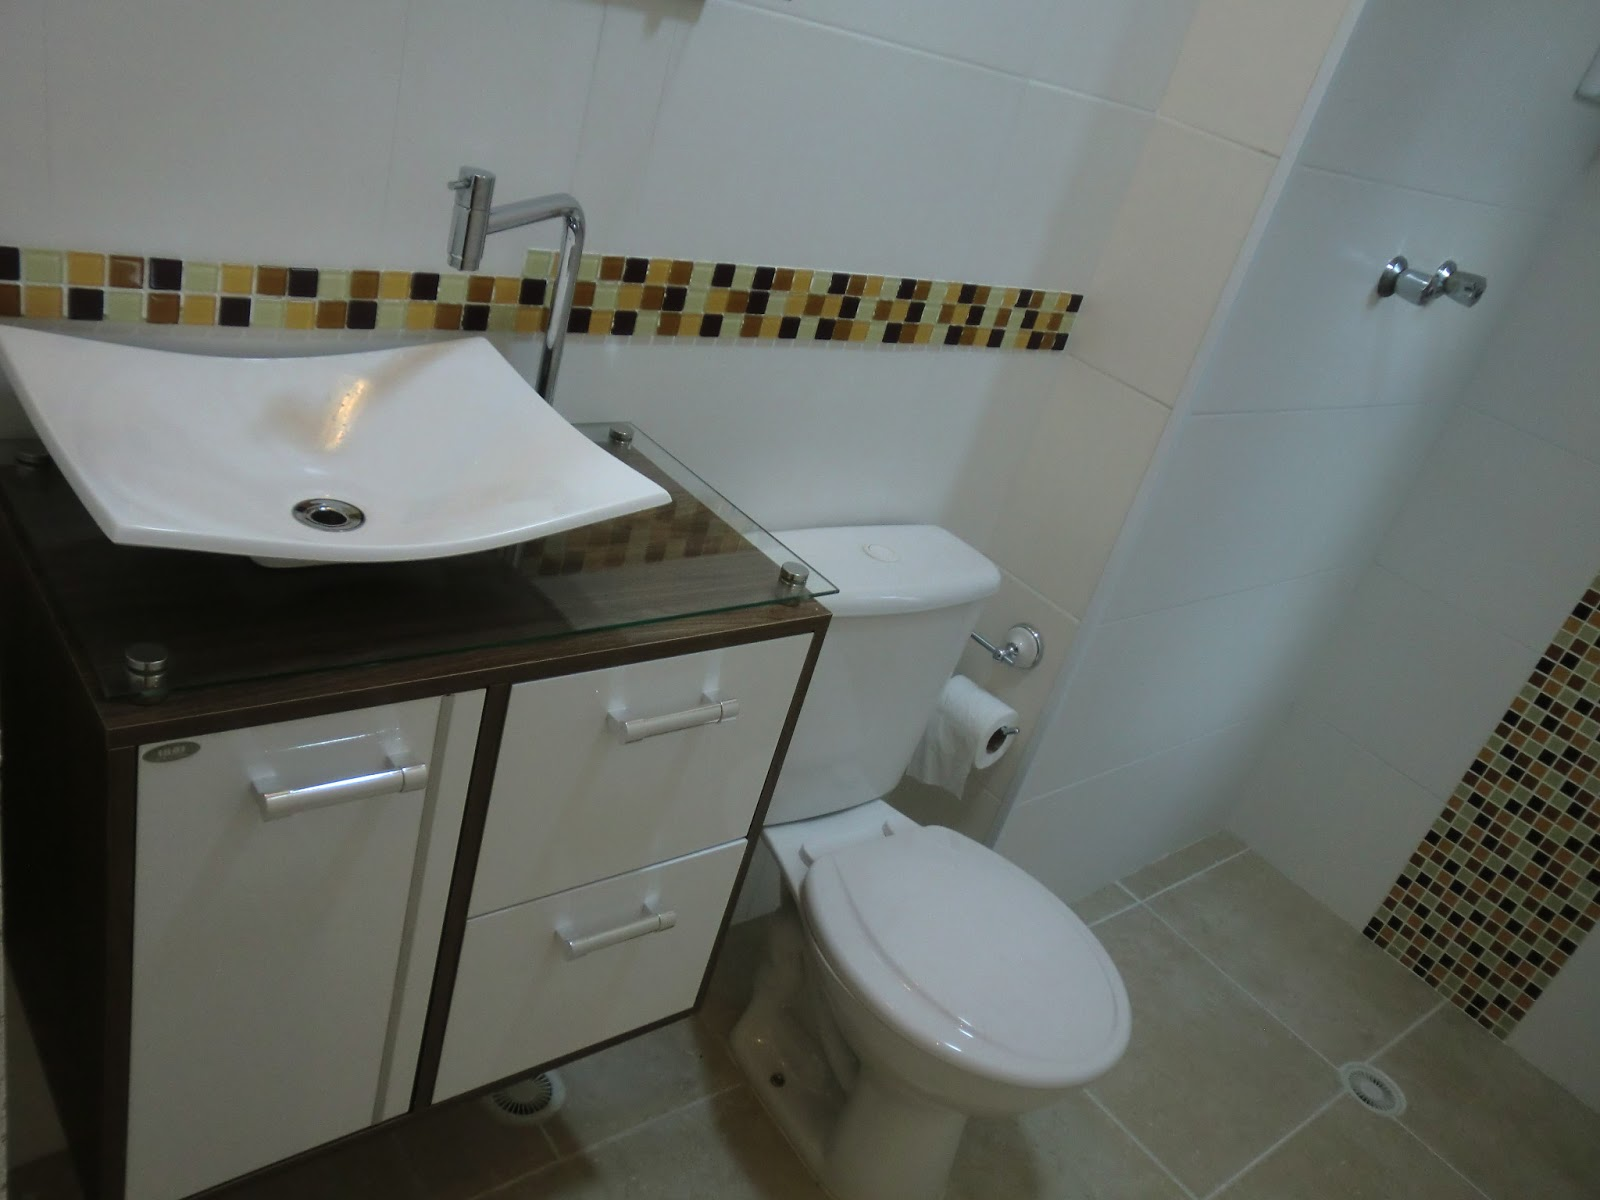 azulejo. Antes e Depois Banheiro Pequeno Reformado com Pastilhas de #595038 1600x1200 Banheiro Com Azulejo Ate A Metade